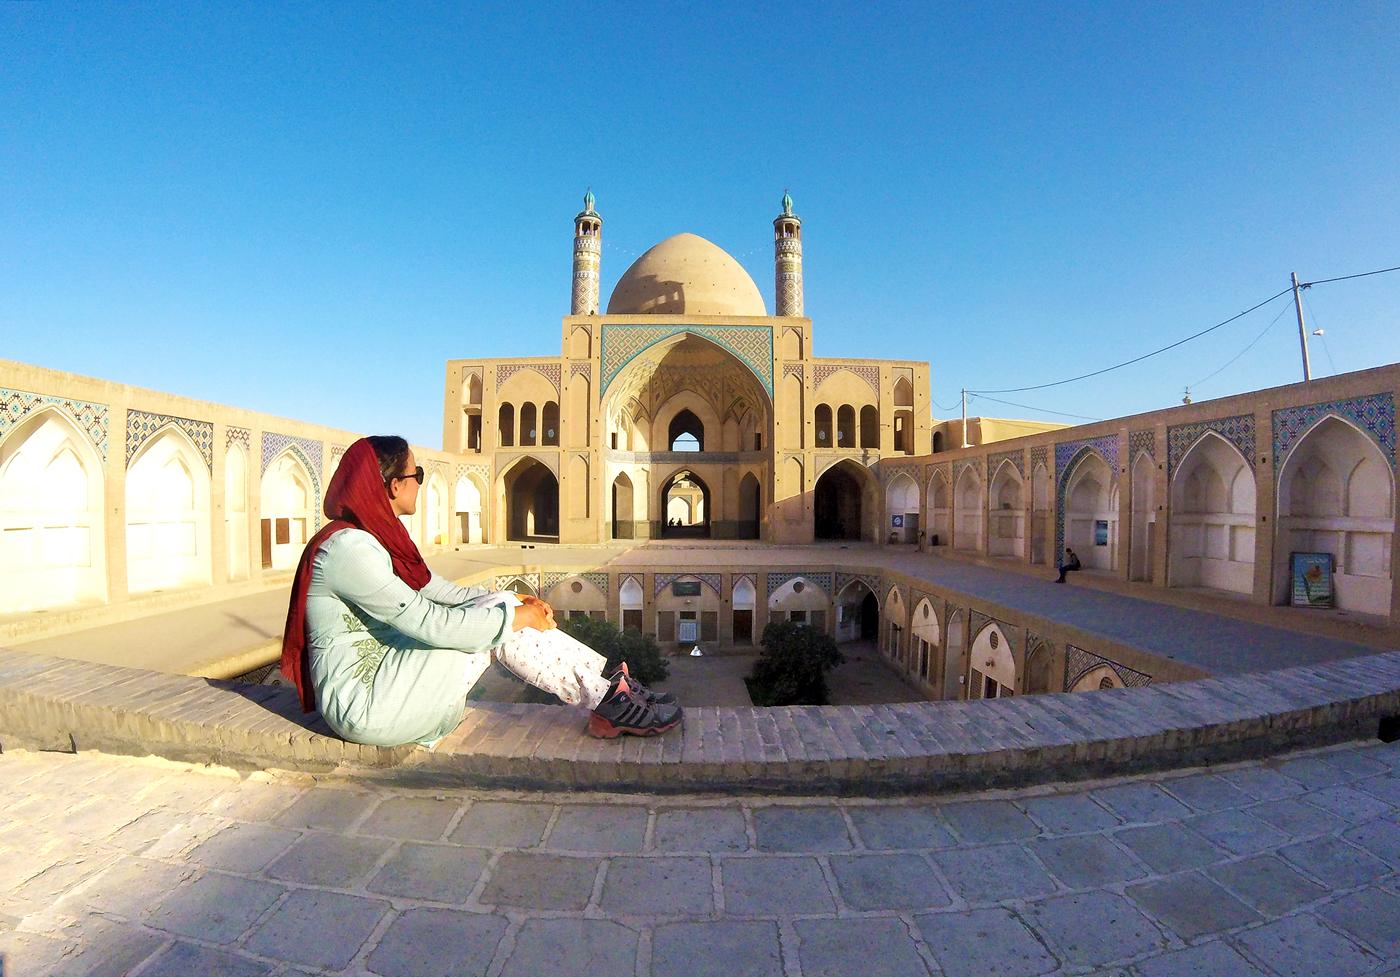 Voyage à vélo, traverser l'Iran à vélo, mosquée Agha Bozorg à Kashan. Cycling travel, biketouring, cycling Iran, Agha Bozorg mosque in Kashan.